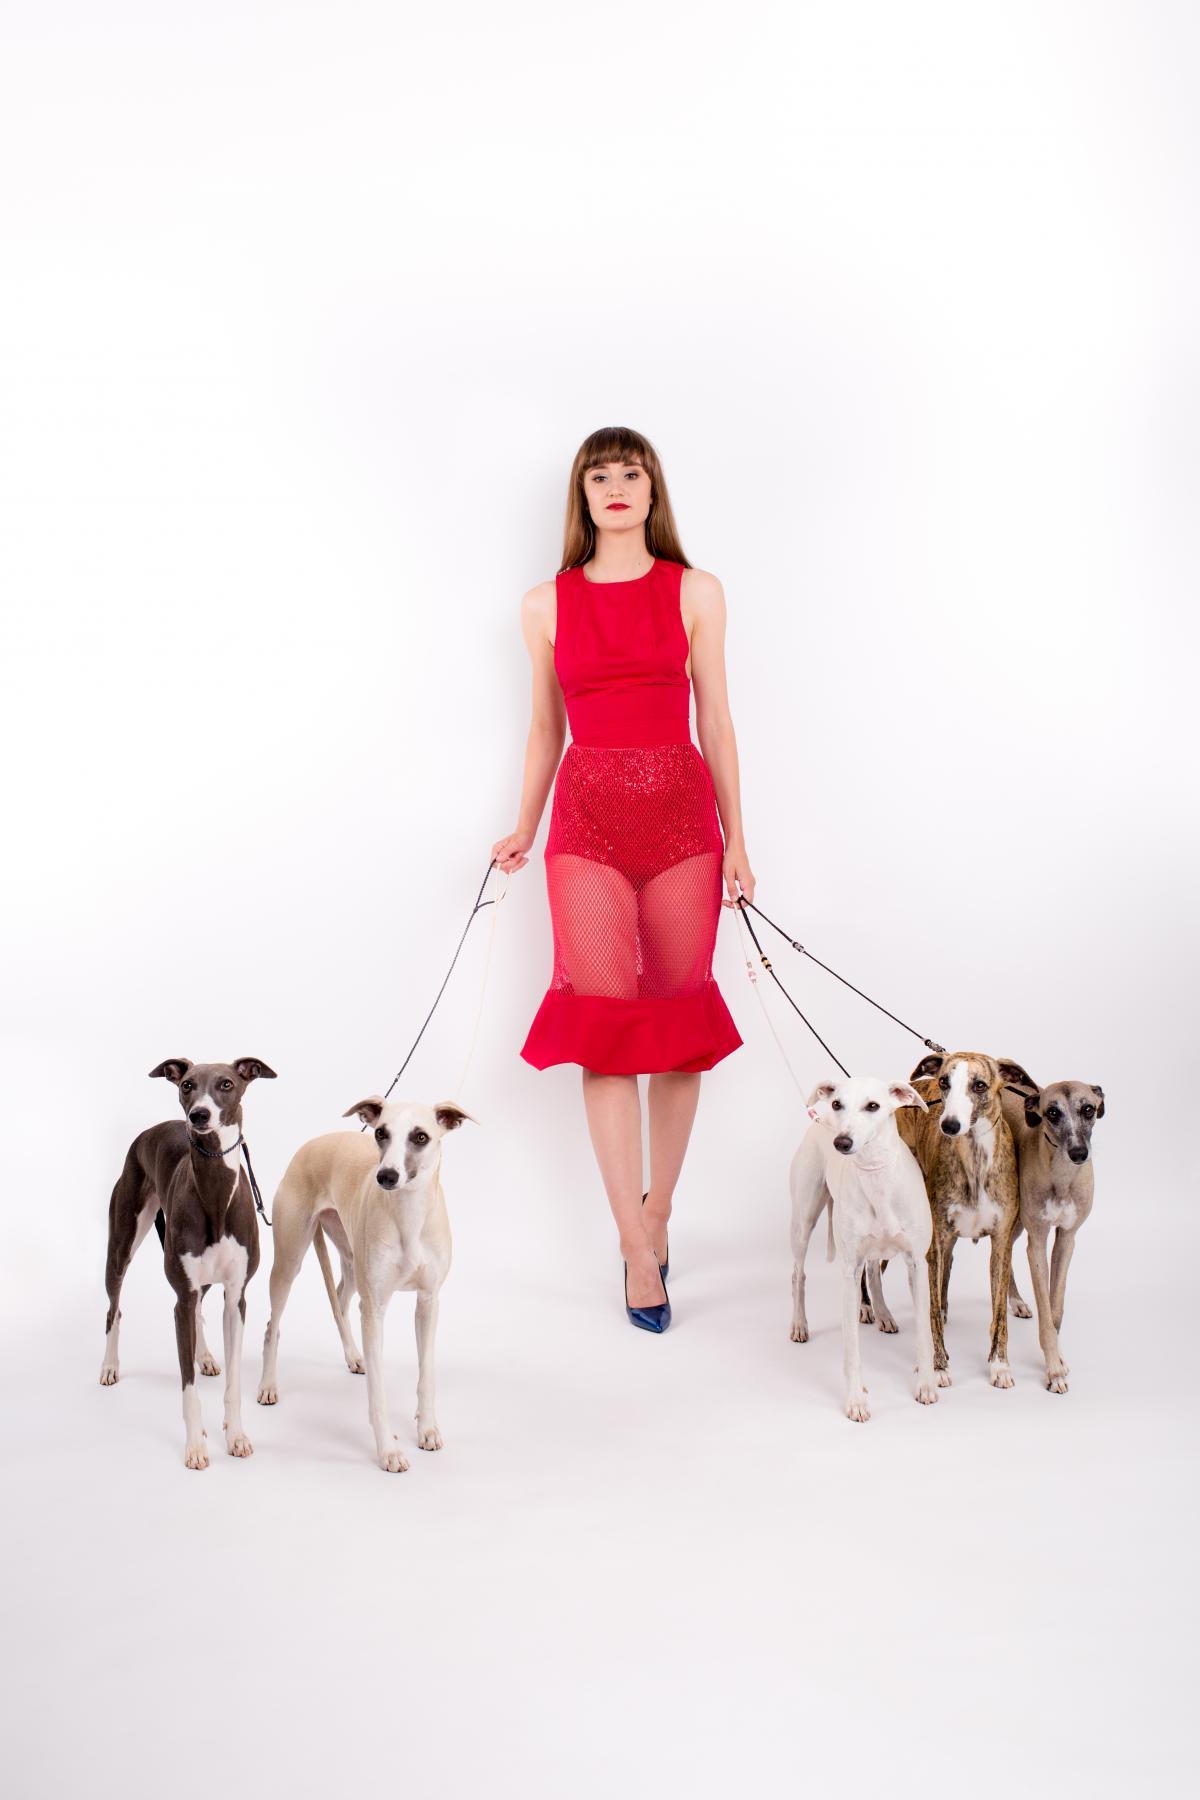 Mesh red skirt